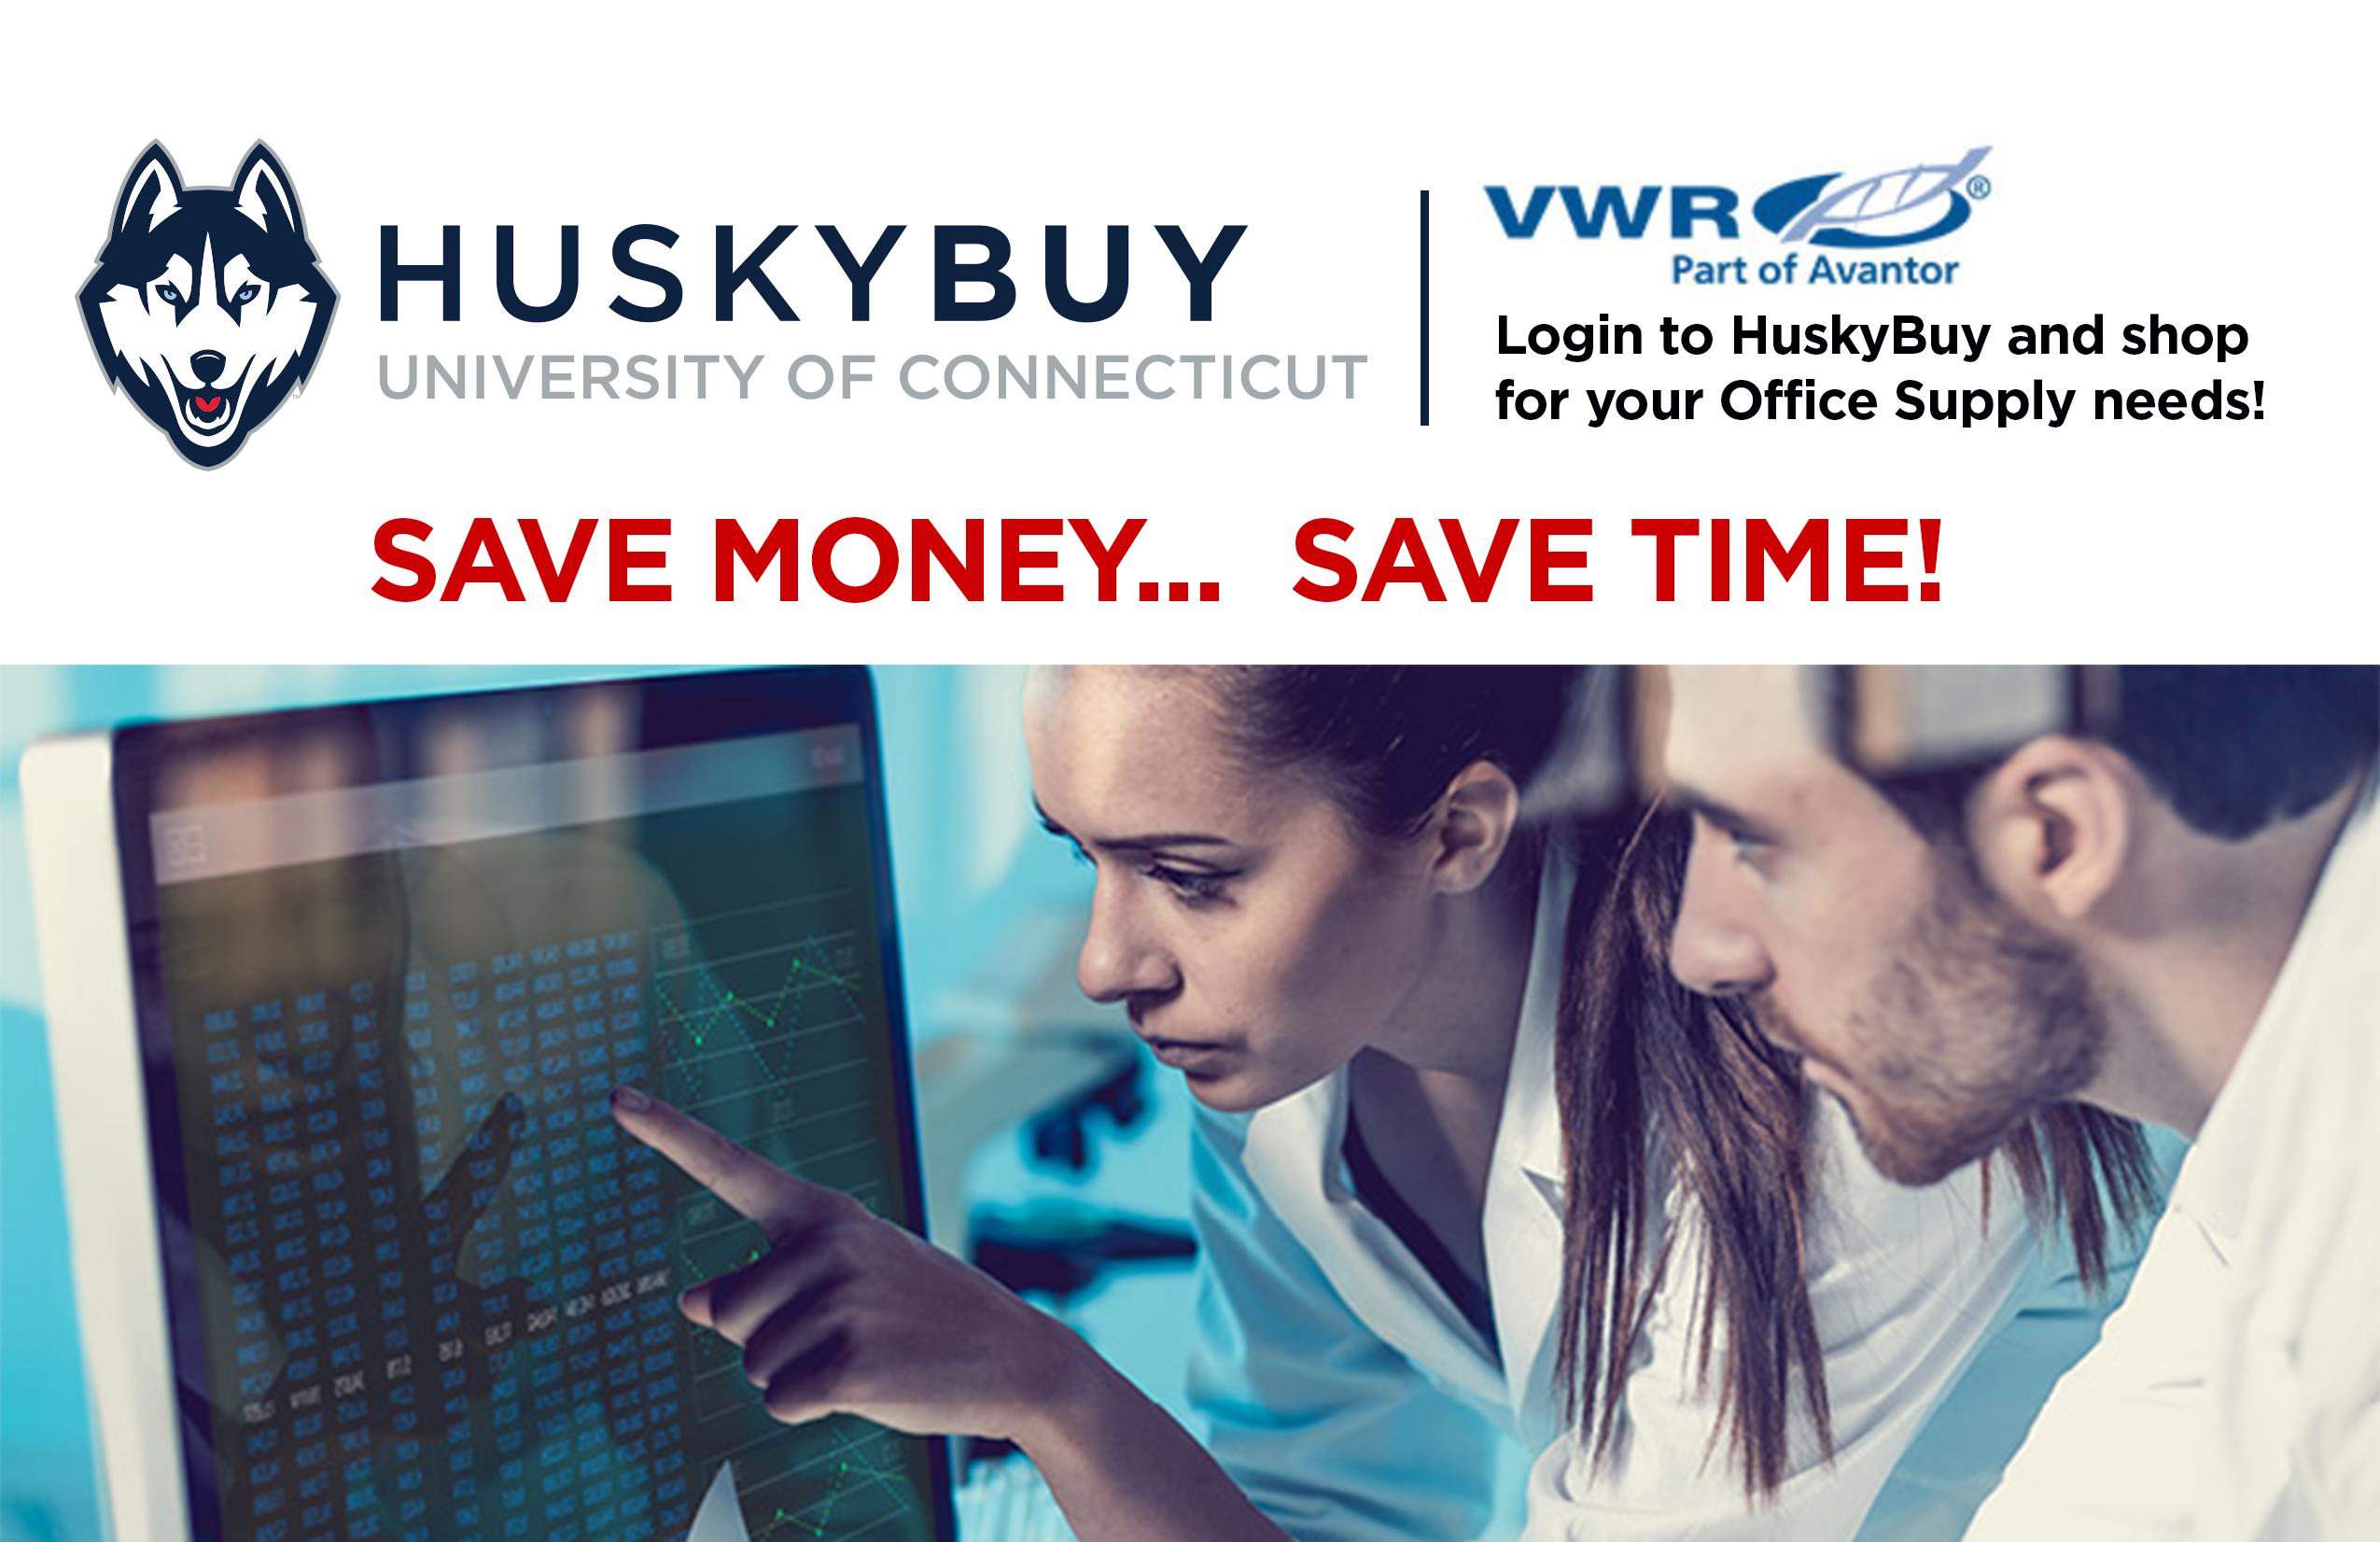 Huskybuy Promotion